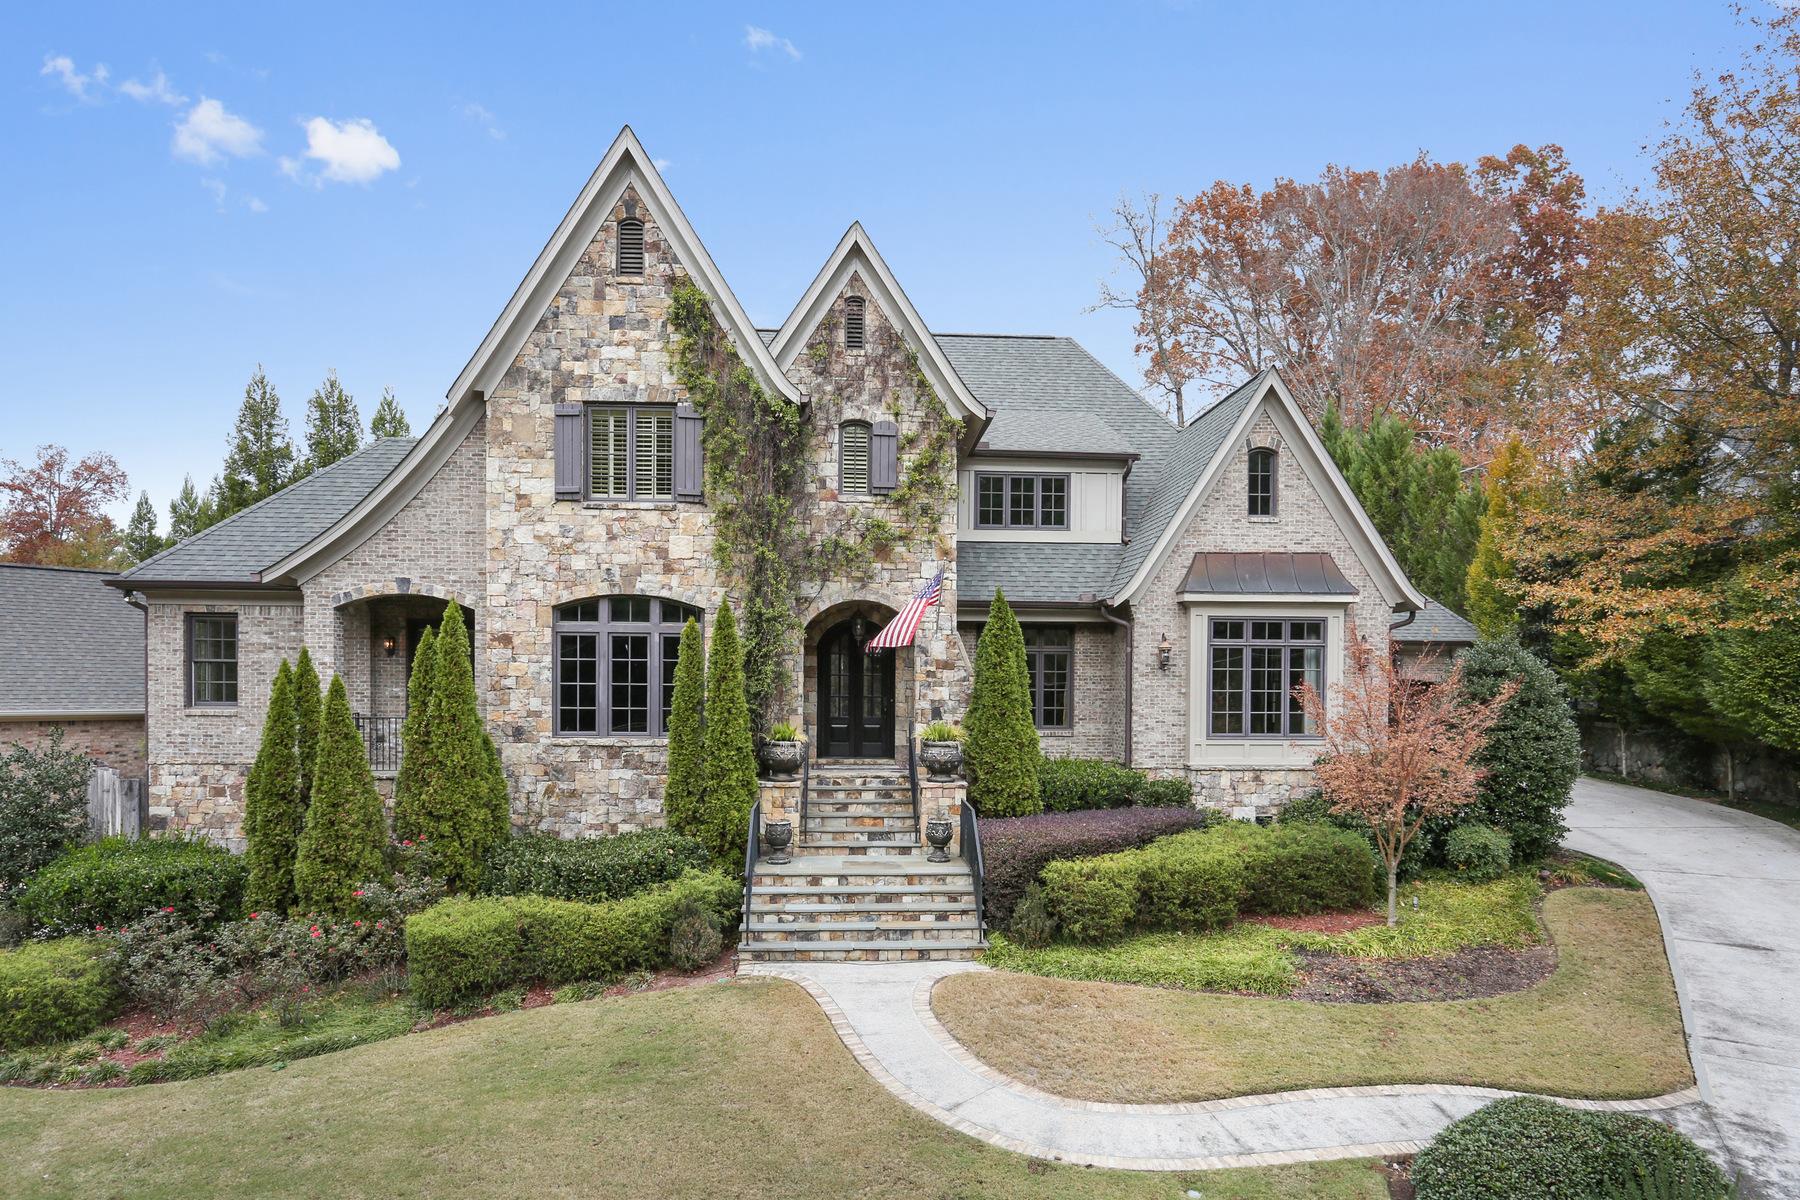 一戸建て のために 売買 アット Stunning European Manor 14 Laurel Drive NE Atlanta, ジョージア 30342 アメリカ